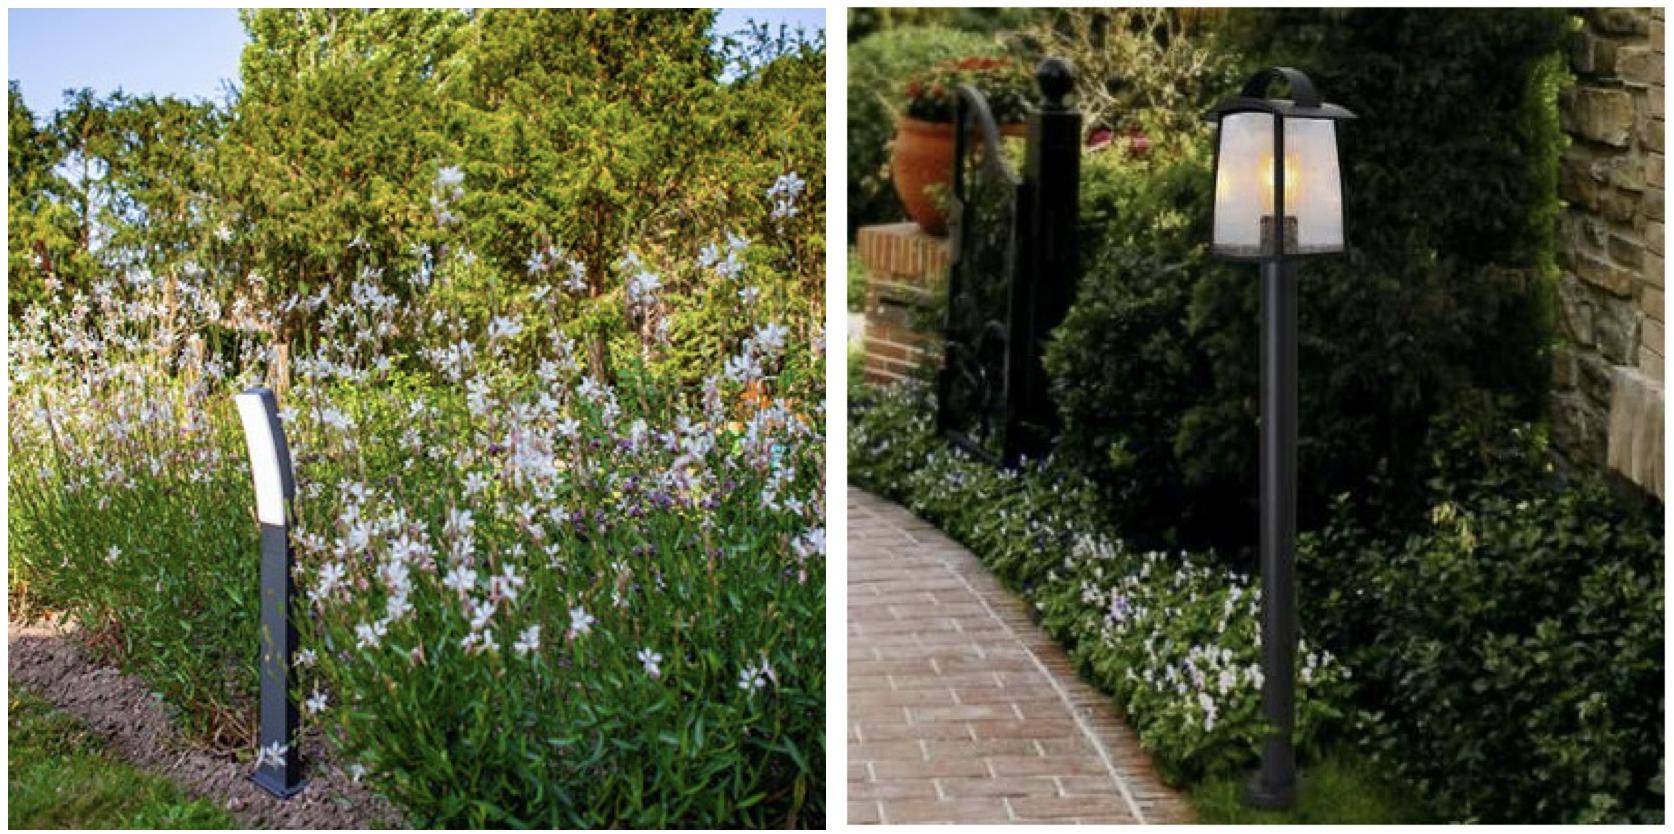 Farolas solares para jardines, los diseños más modernos para decorar todo tipo de ambientes. Farolas y balizas de exterior ideales para hosteleria.